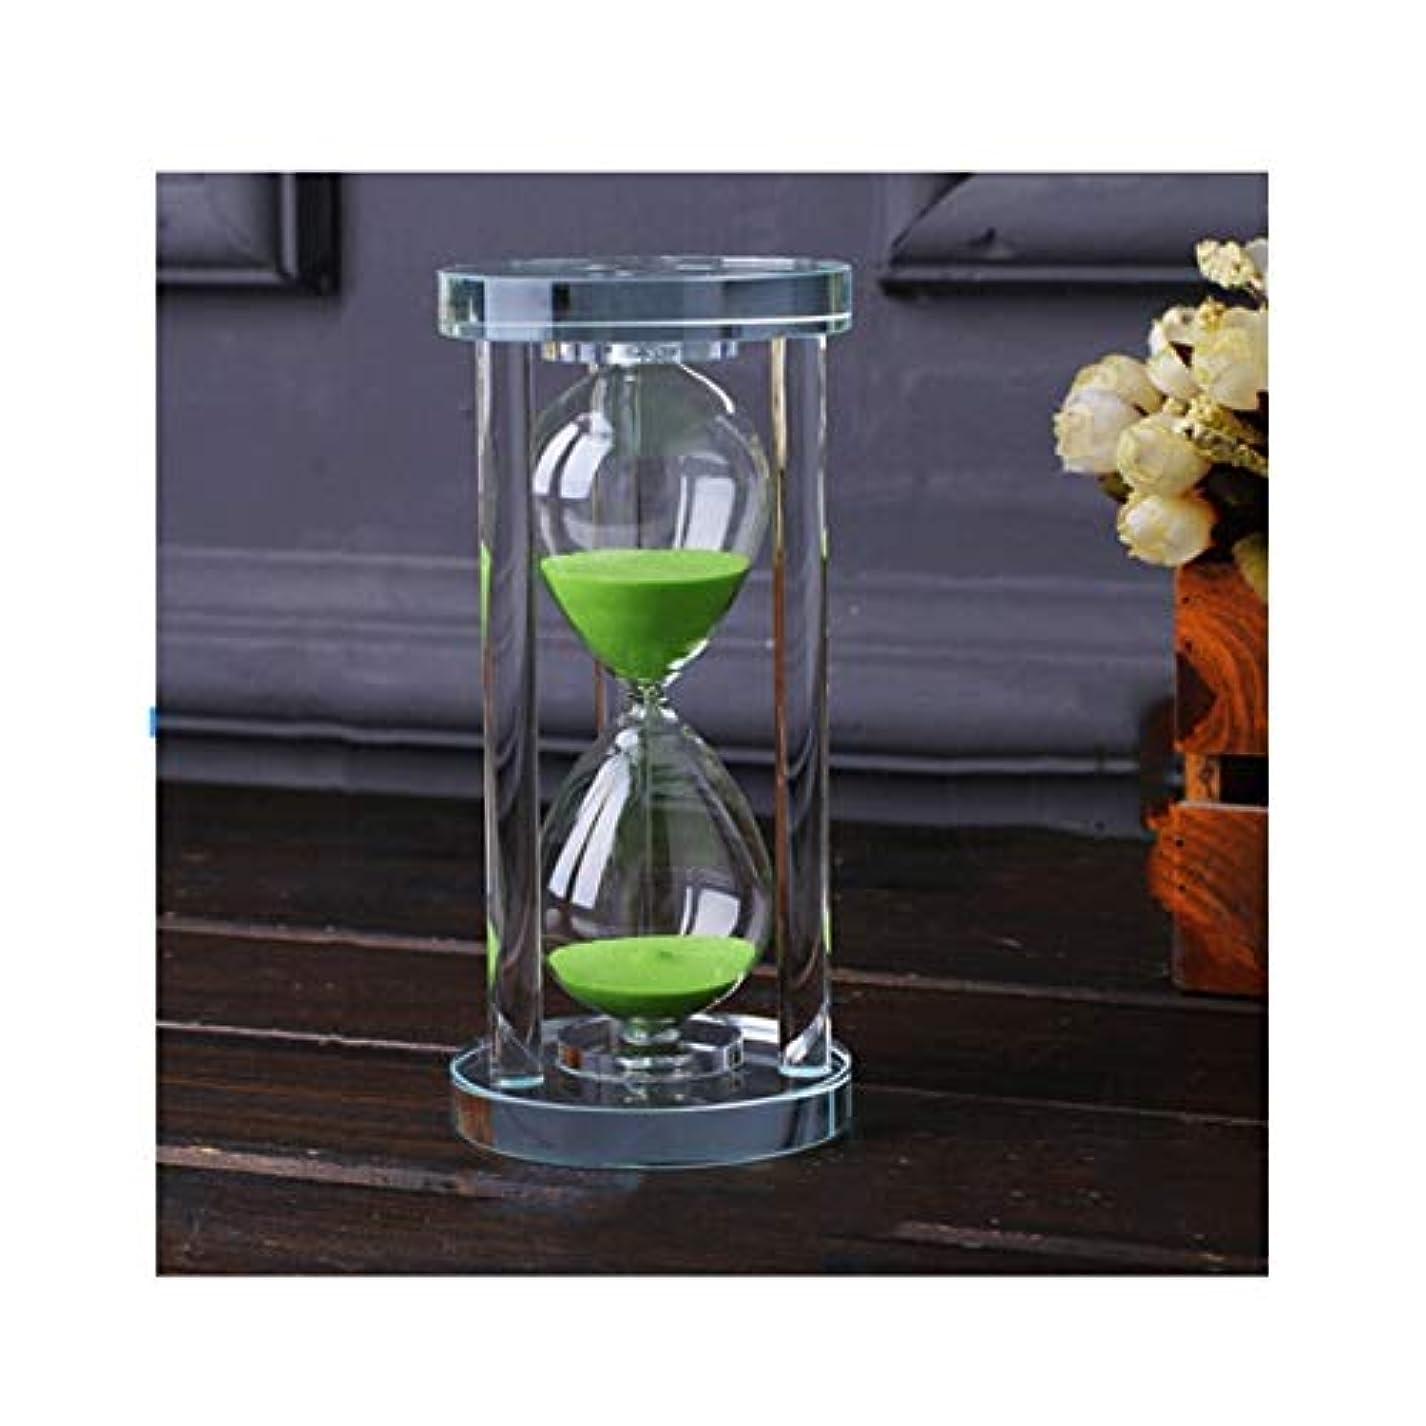 失望させるセンサー報復するMUZIWENJU 丸砂時計のタイマー、15分間利用可能、家の装飾、バレンタインデーの贈り物、誕生日プレゼント、青、緑、ピンク、紫 (Color : Green, UnitCount : 15min)